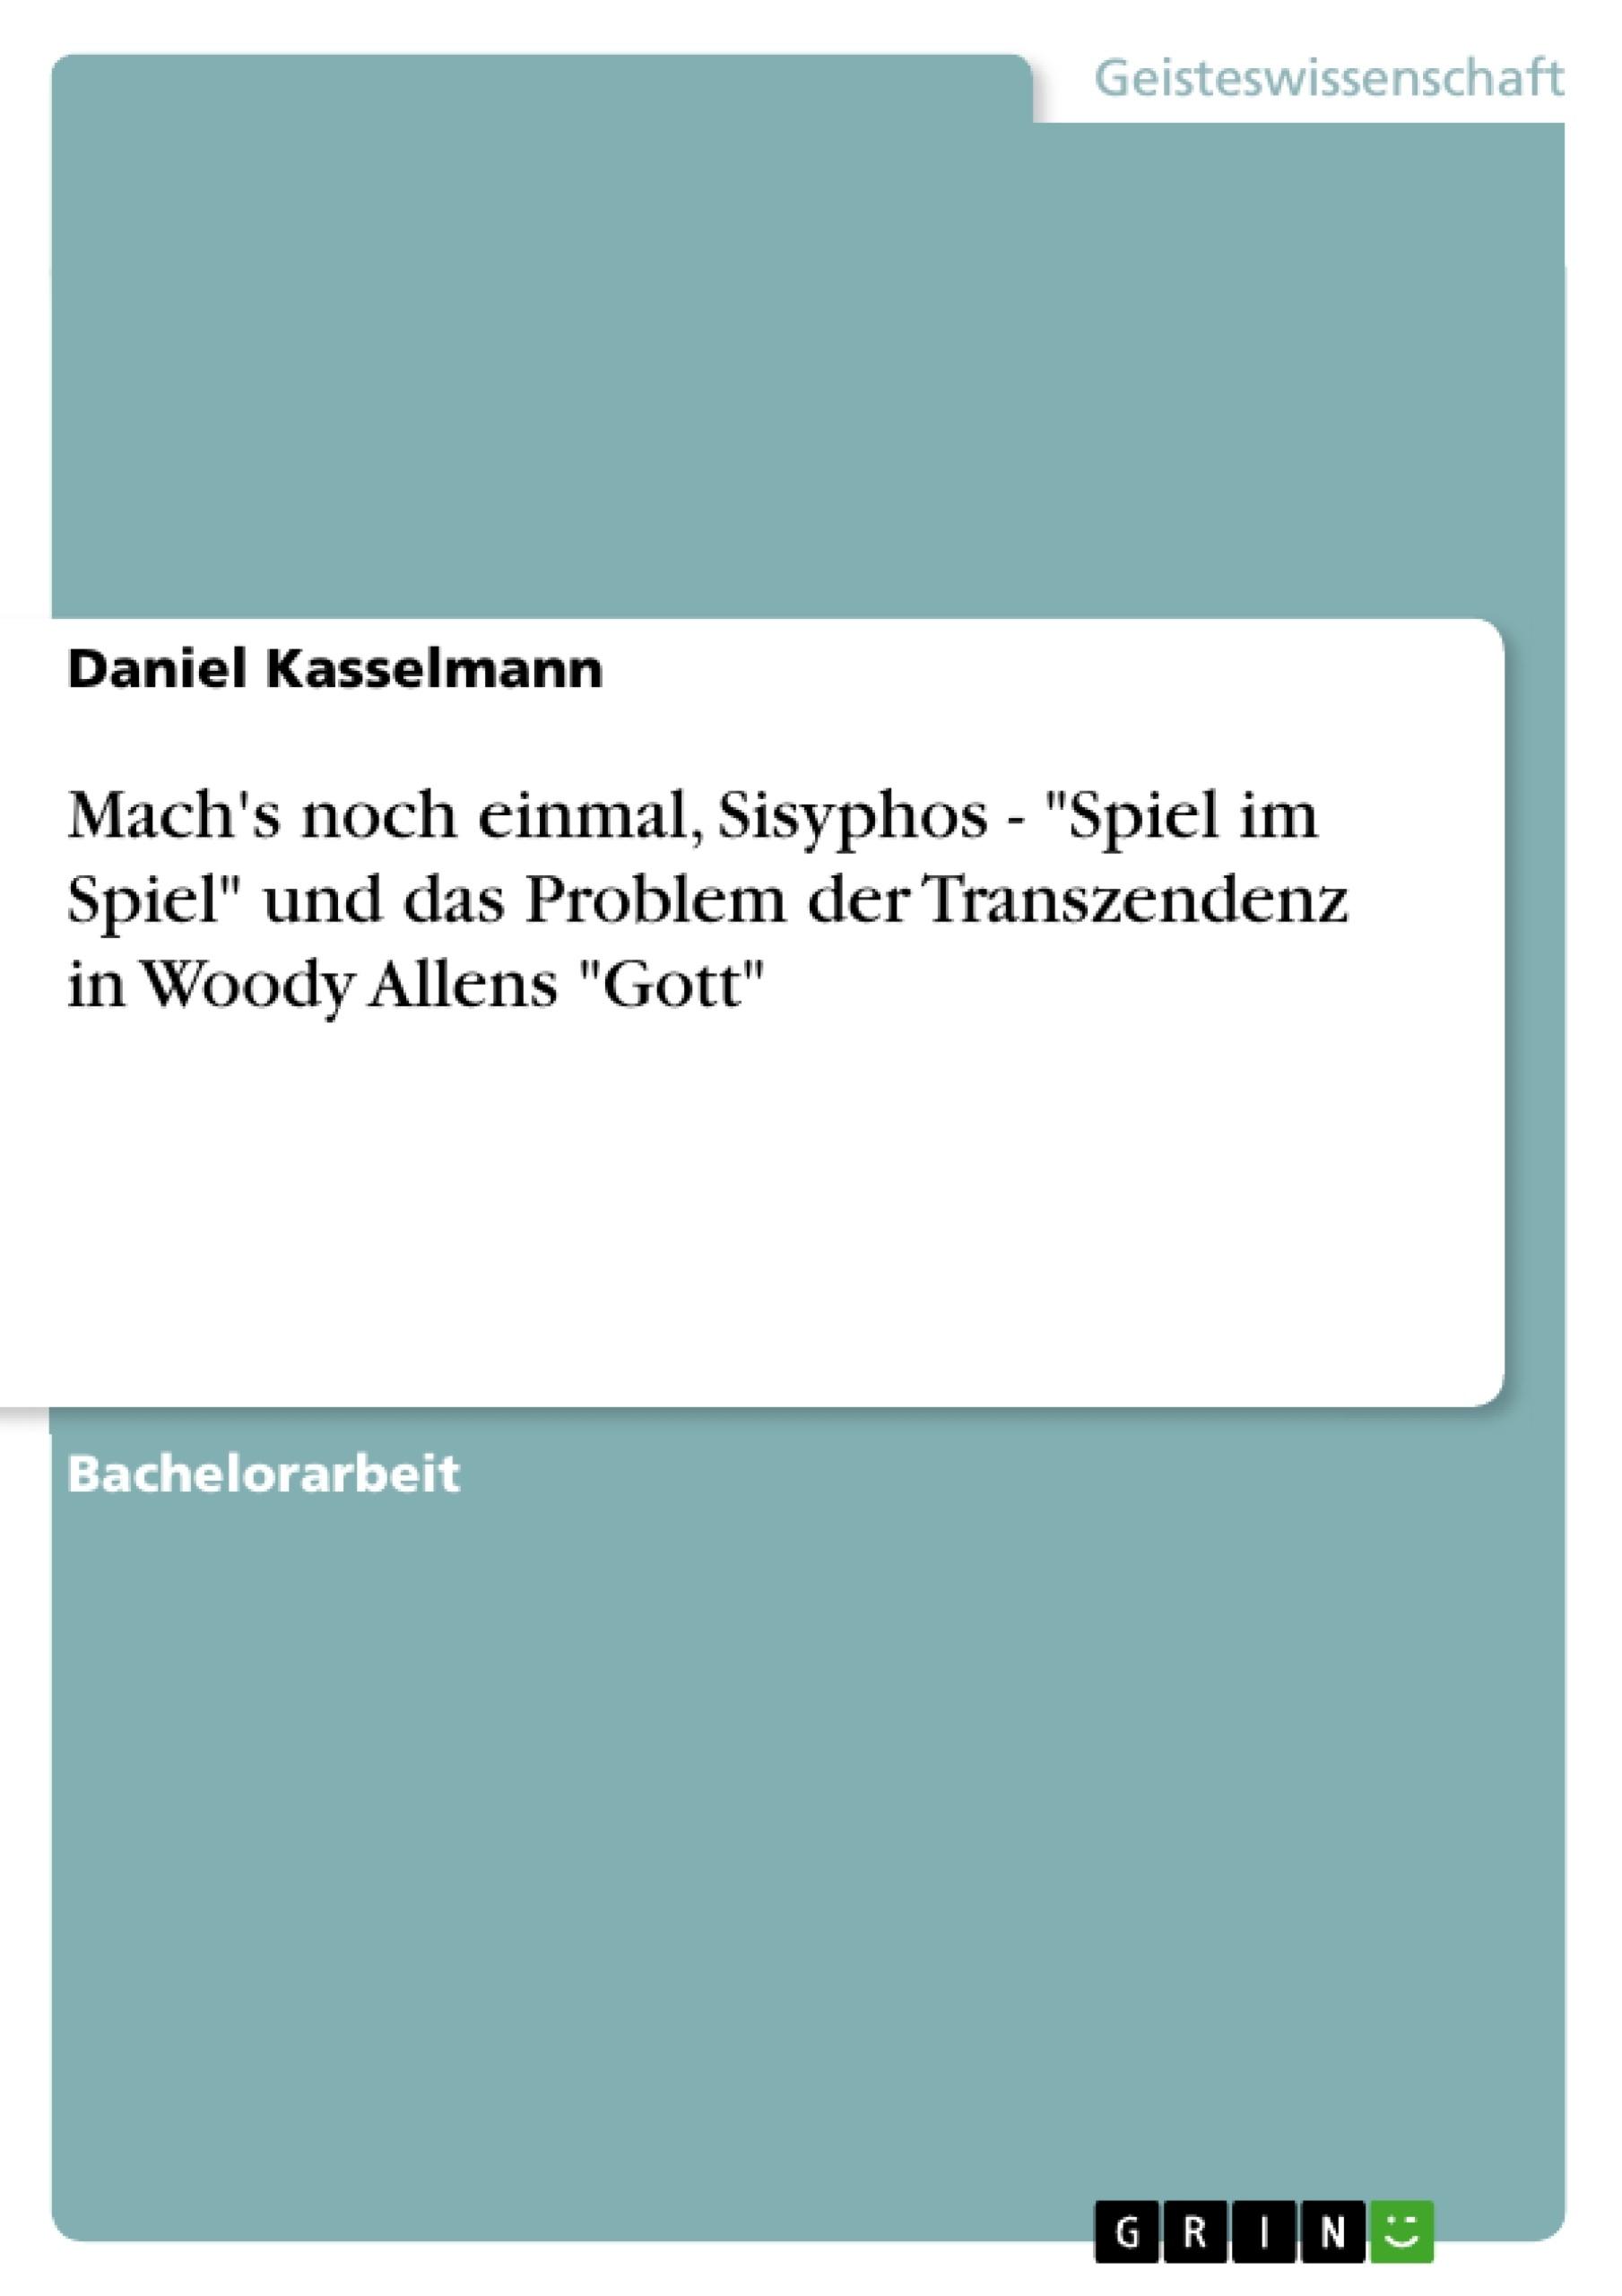 """Titel: Mach's noch einmal, Sisyphos - """"Spiel im Spiel"""" und das Problem der Transzendenz in Woody Allens """"Gott"""""""